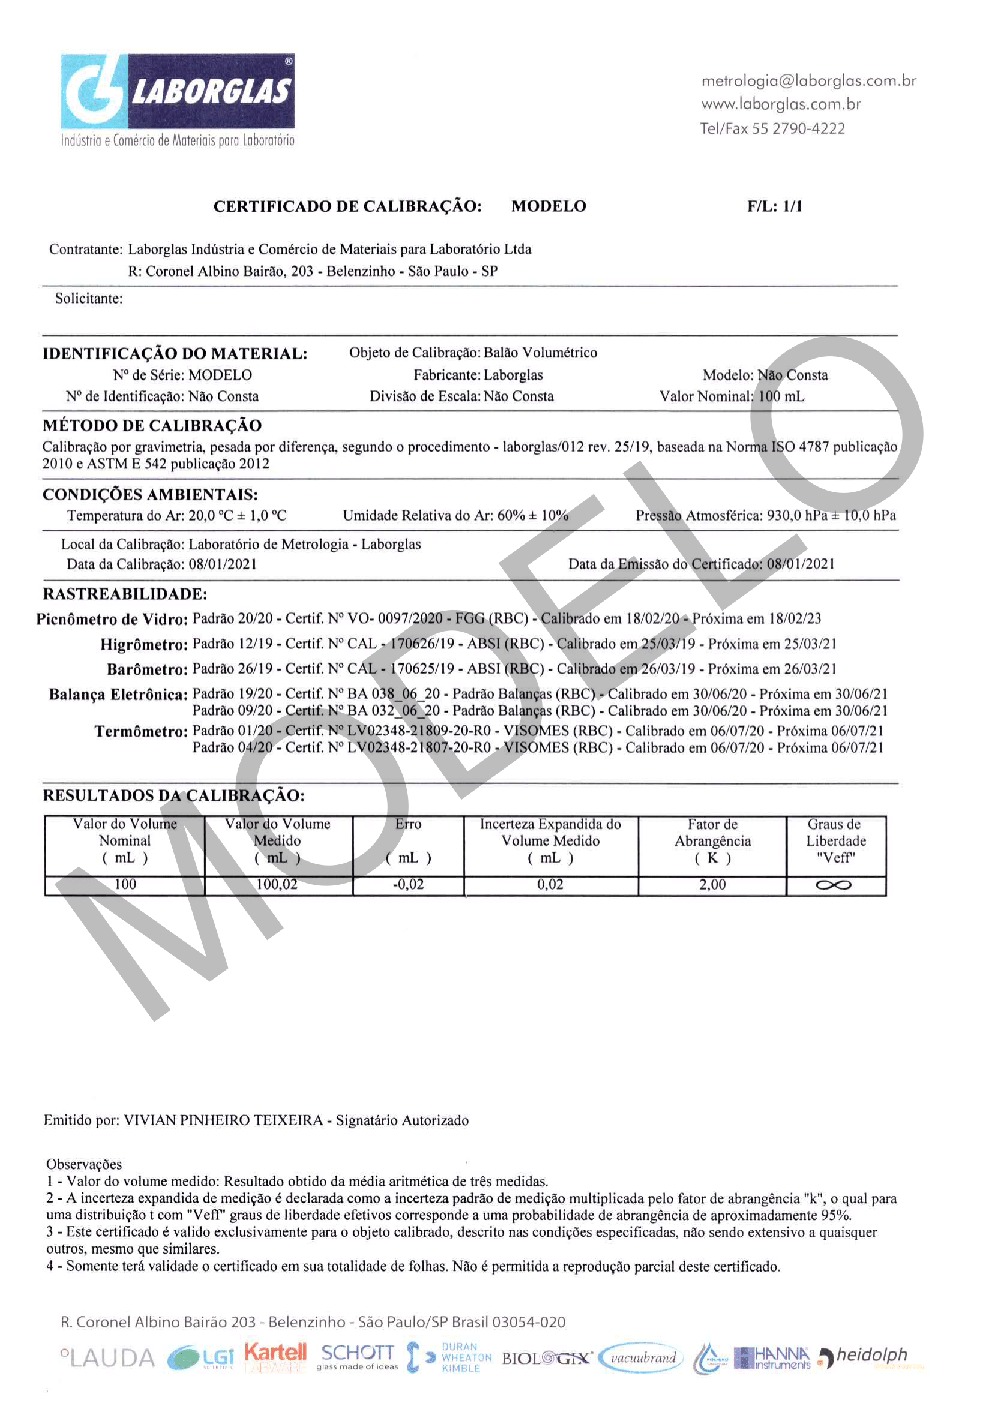 BALÃO VOLUMÉTRICO CLASSE A ROLHA POLI C/ CERTIFICADO RASTREÁVEL 40 ML - Marca Laborglas - Cód. 9167816-C